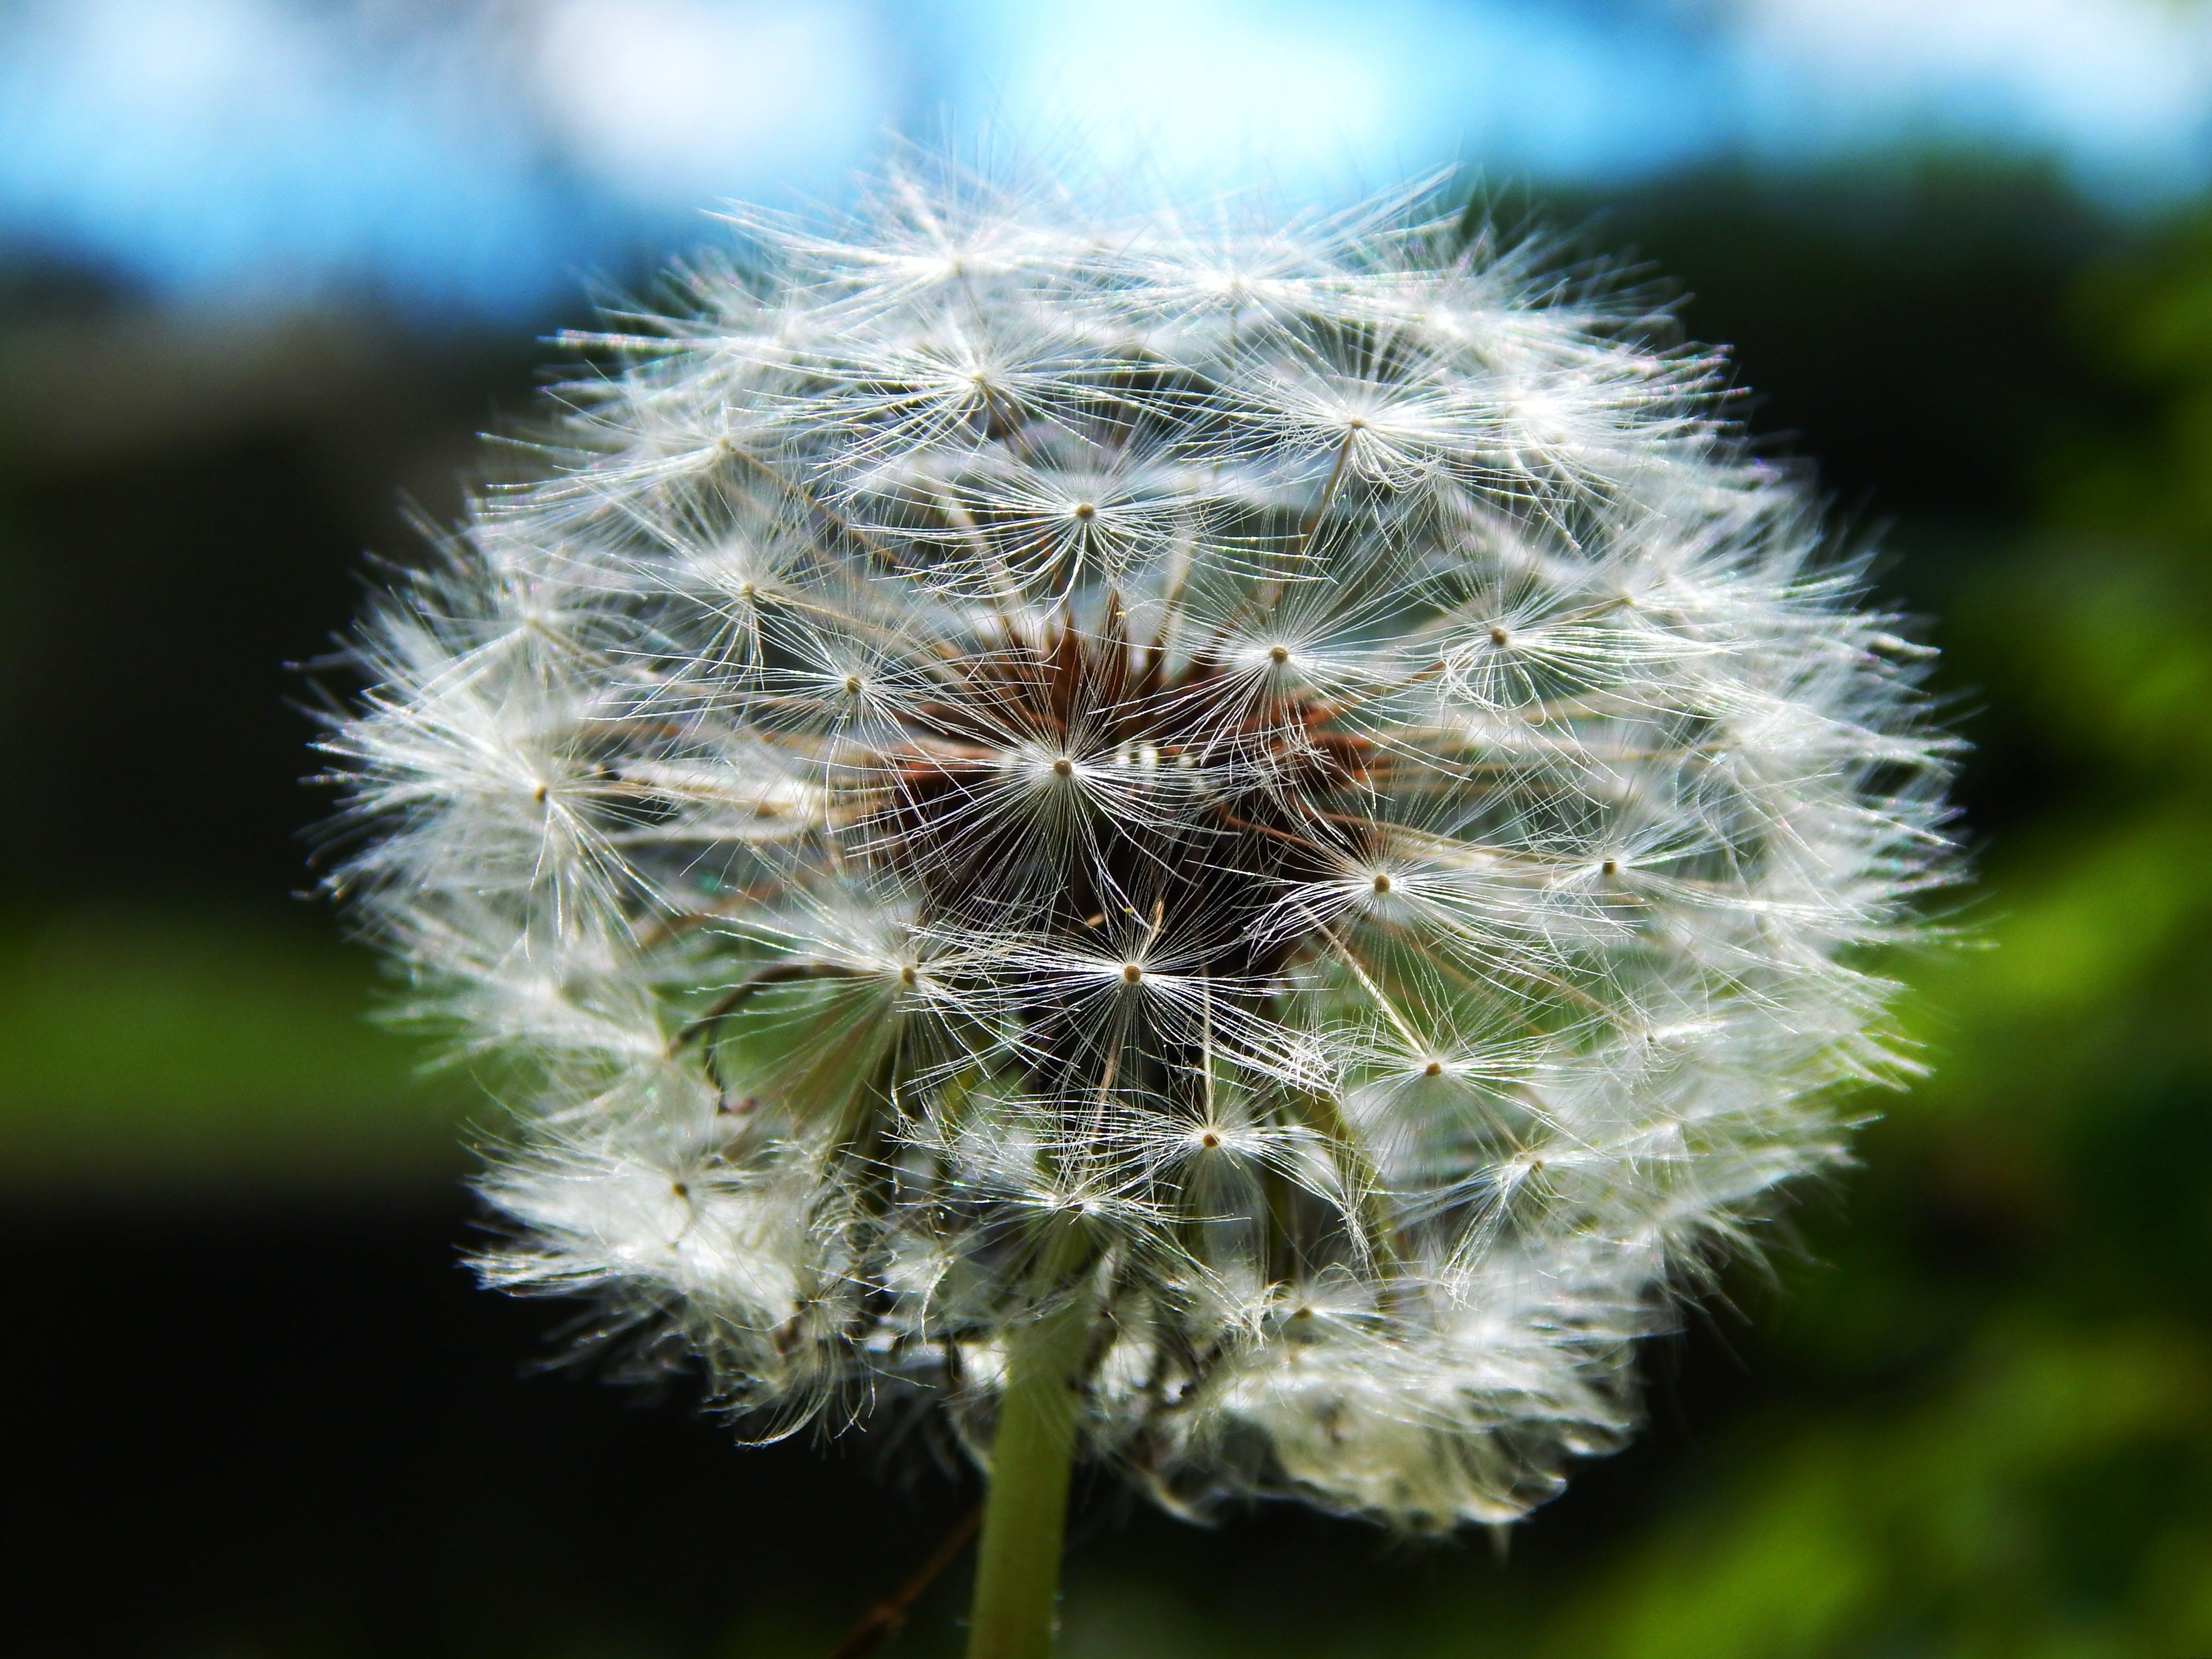 dandelion, dandelions, flower